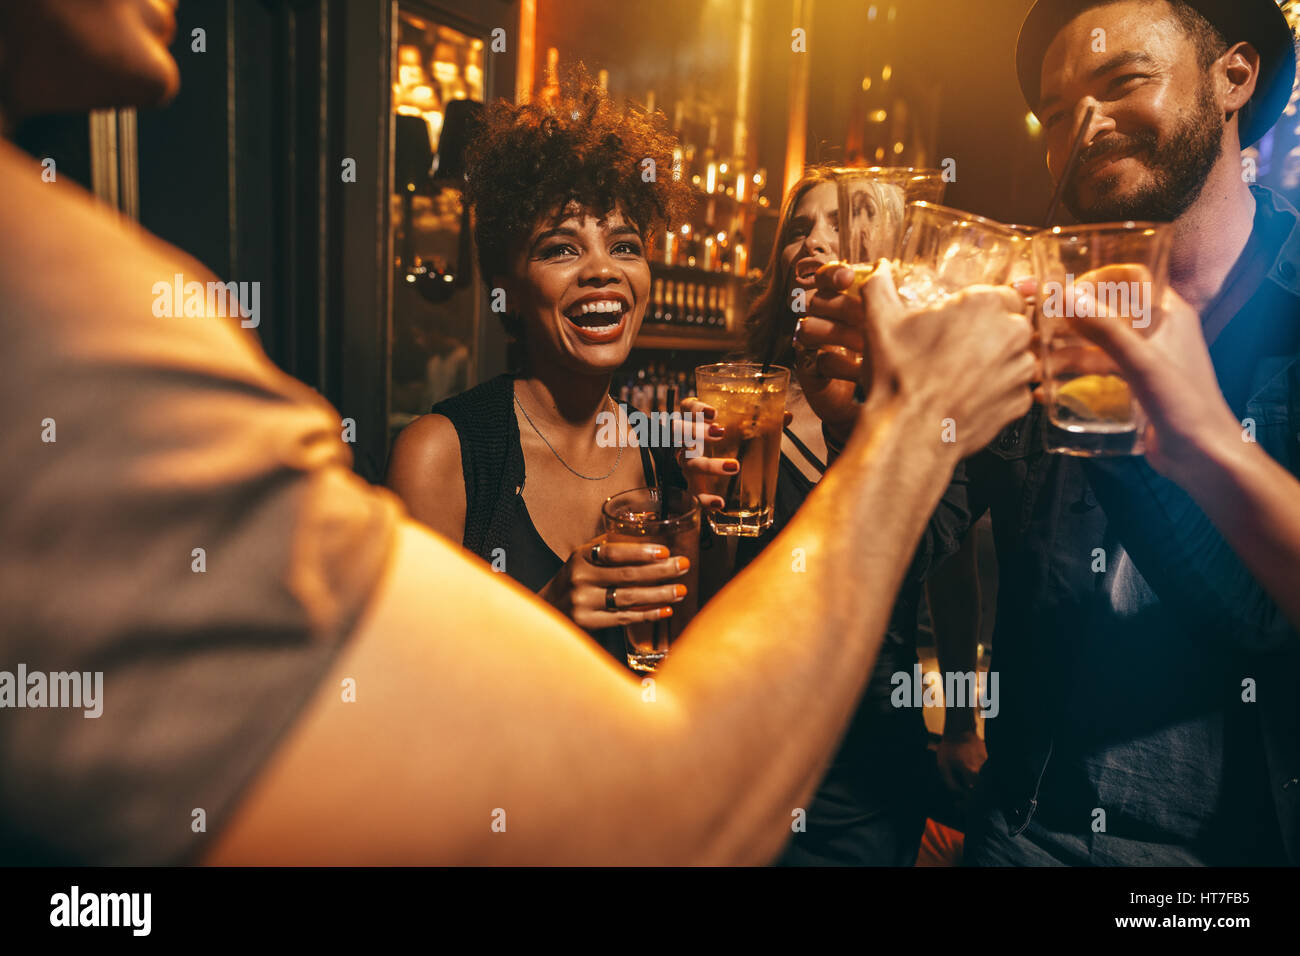 Gruppe von Jugendlichen, die Getränke in der Diskothek toasten. Junge Männer und Frauen, die Spaß Stockbild